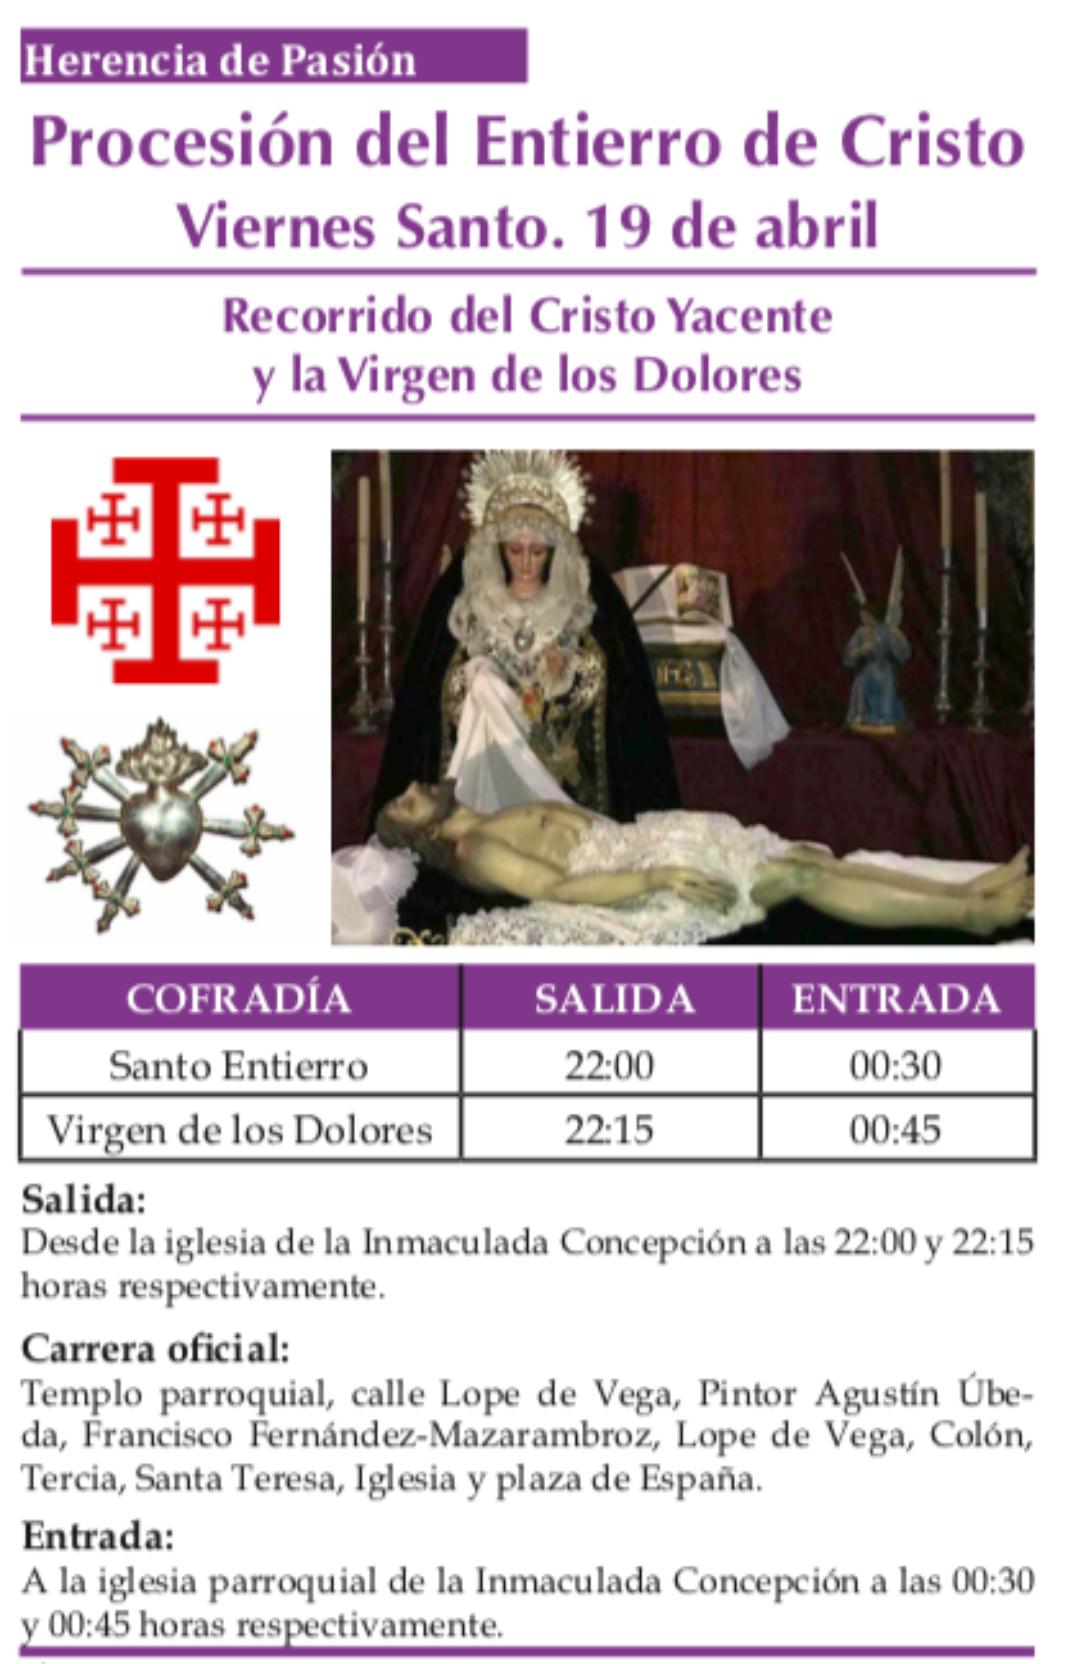 Procesión del Santo Entierro 1068x1664 - Recorrido y horarios de la procesión del Entierro de Cristo